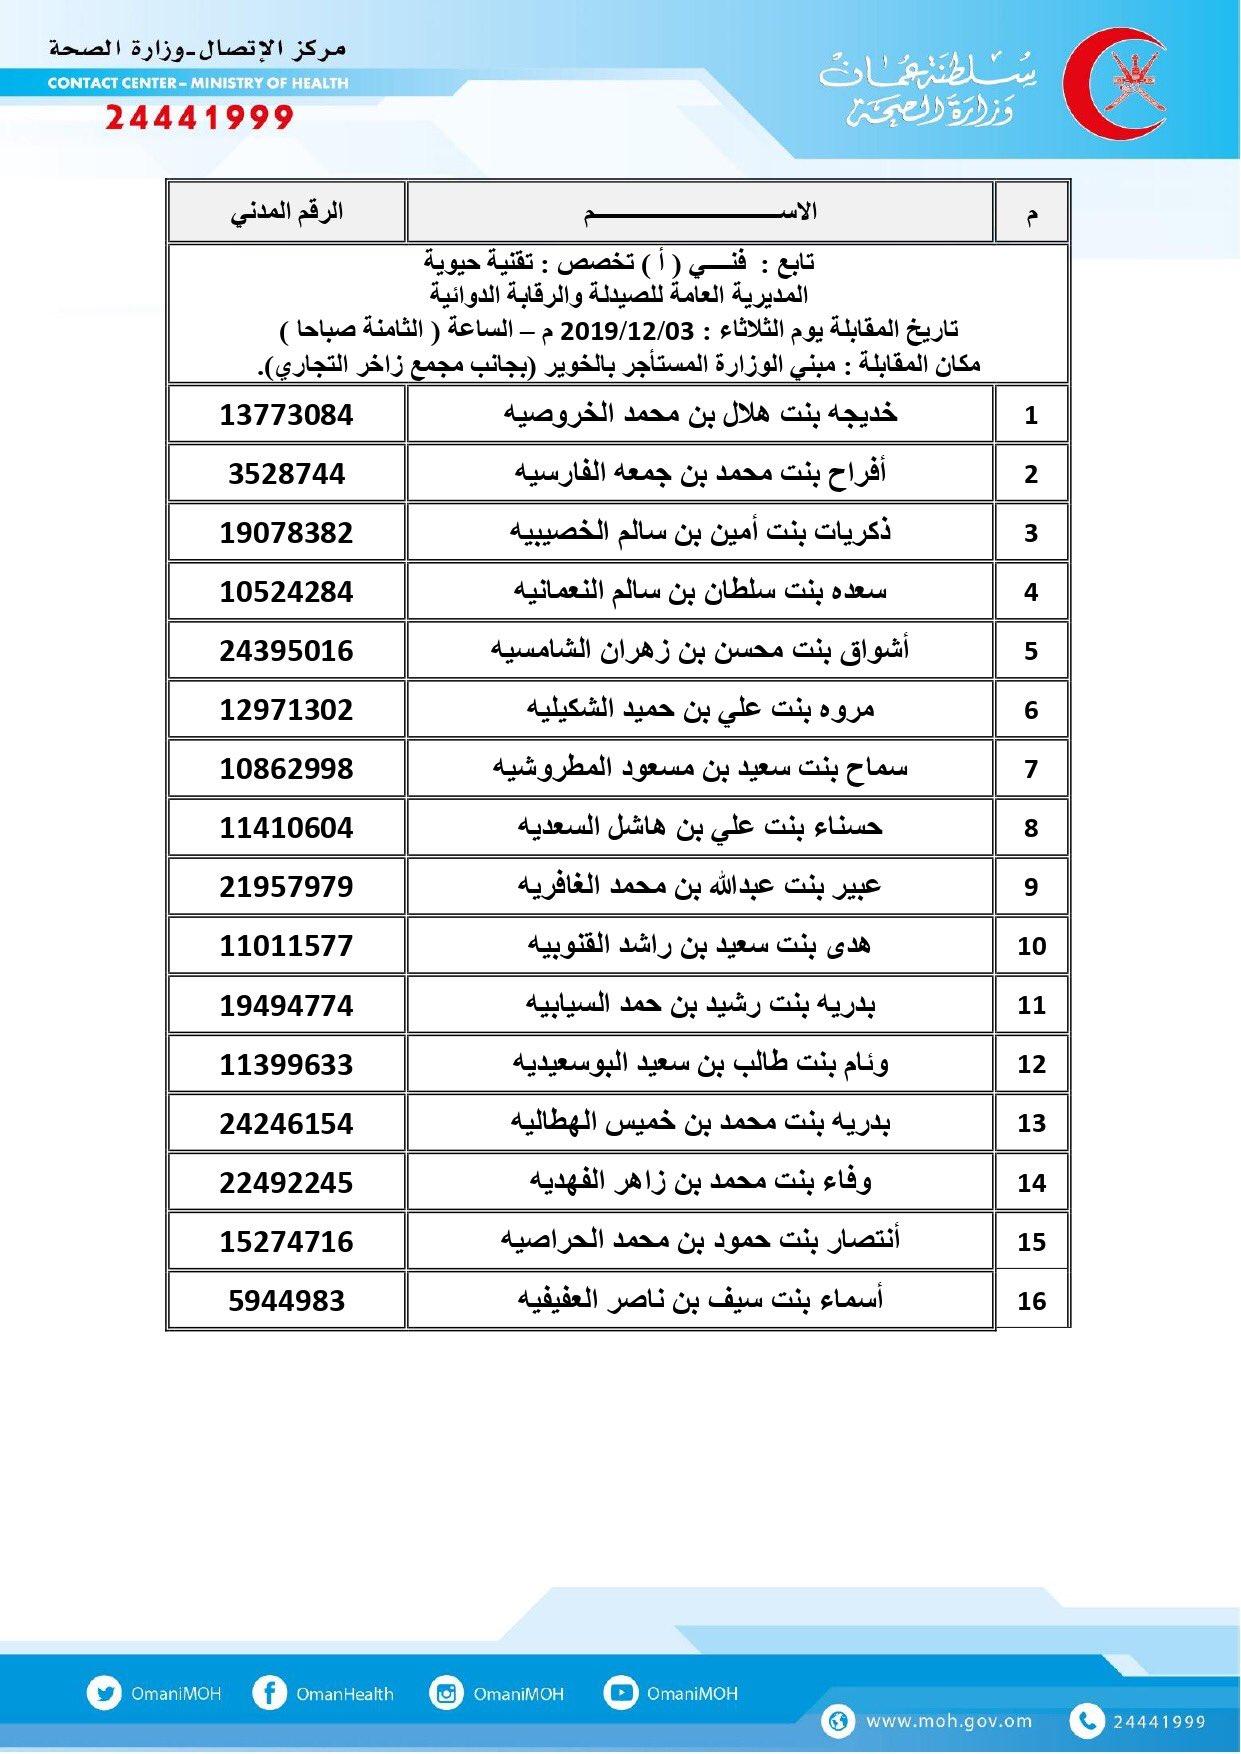 الصحة تعلن أسماء مواطنين تقدموا بطلبات لشغل وظائف